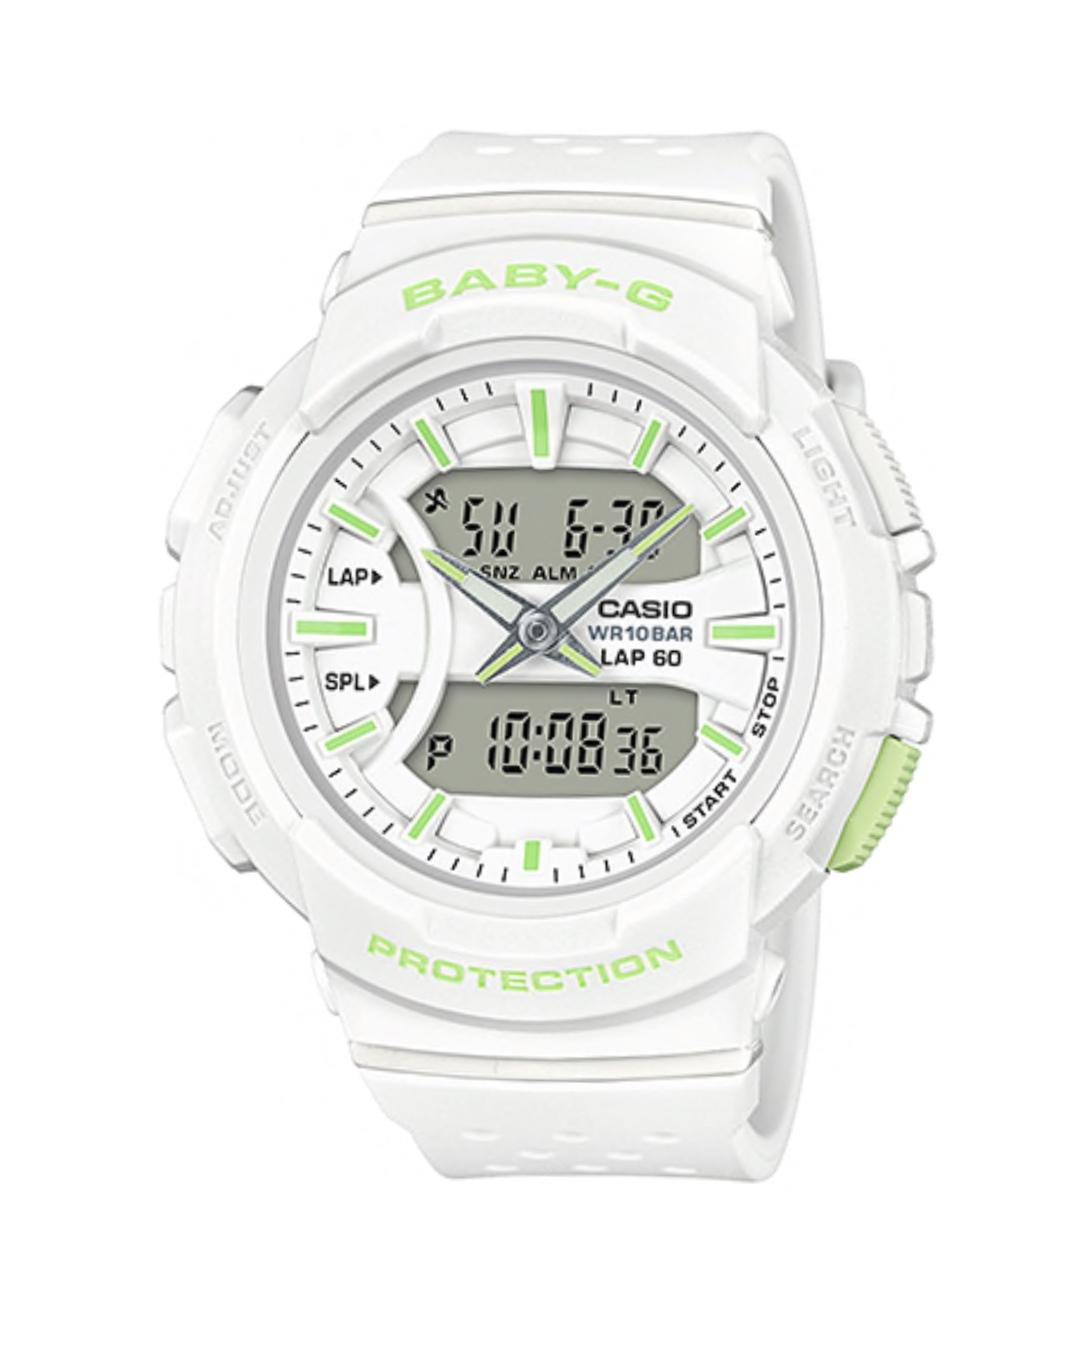 นาฬิกา Casio Baby-G for Running BGA-240 Neon Color series รุ่น BGA-240-7A2 ของแท้ รับประกันศูนย์ 1 ปี